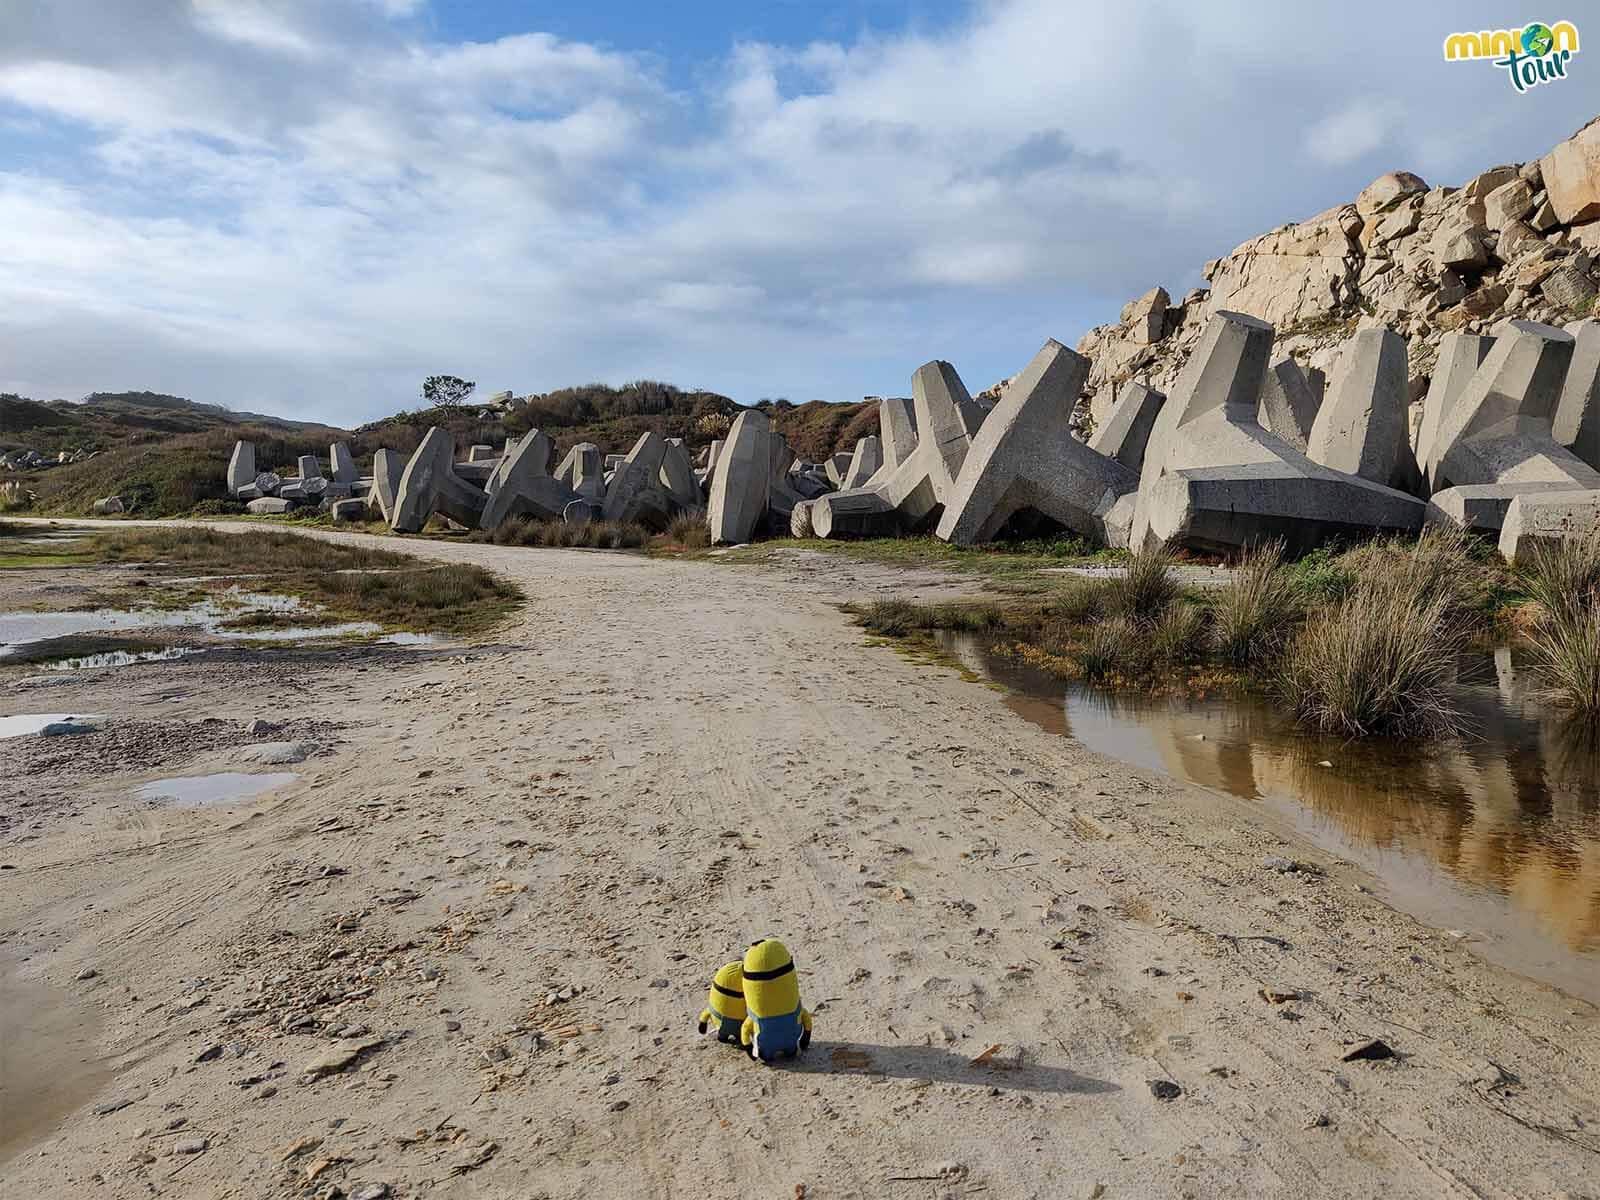 Estas piedras enormes de la costa de Xove se llaman dolos